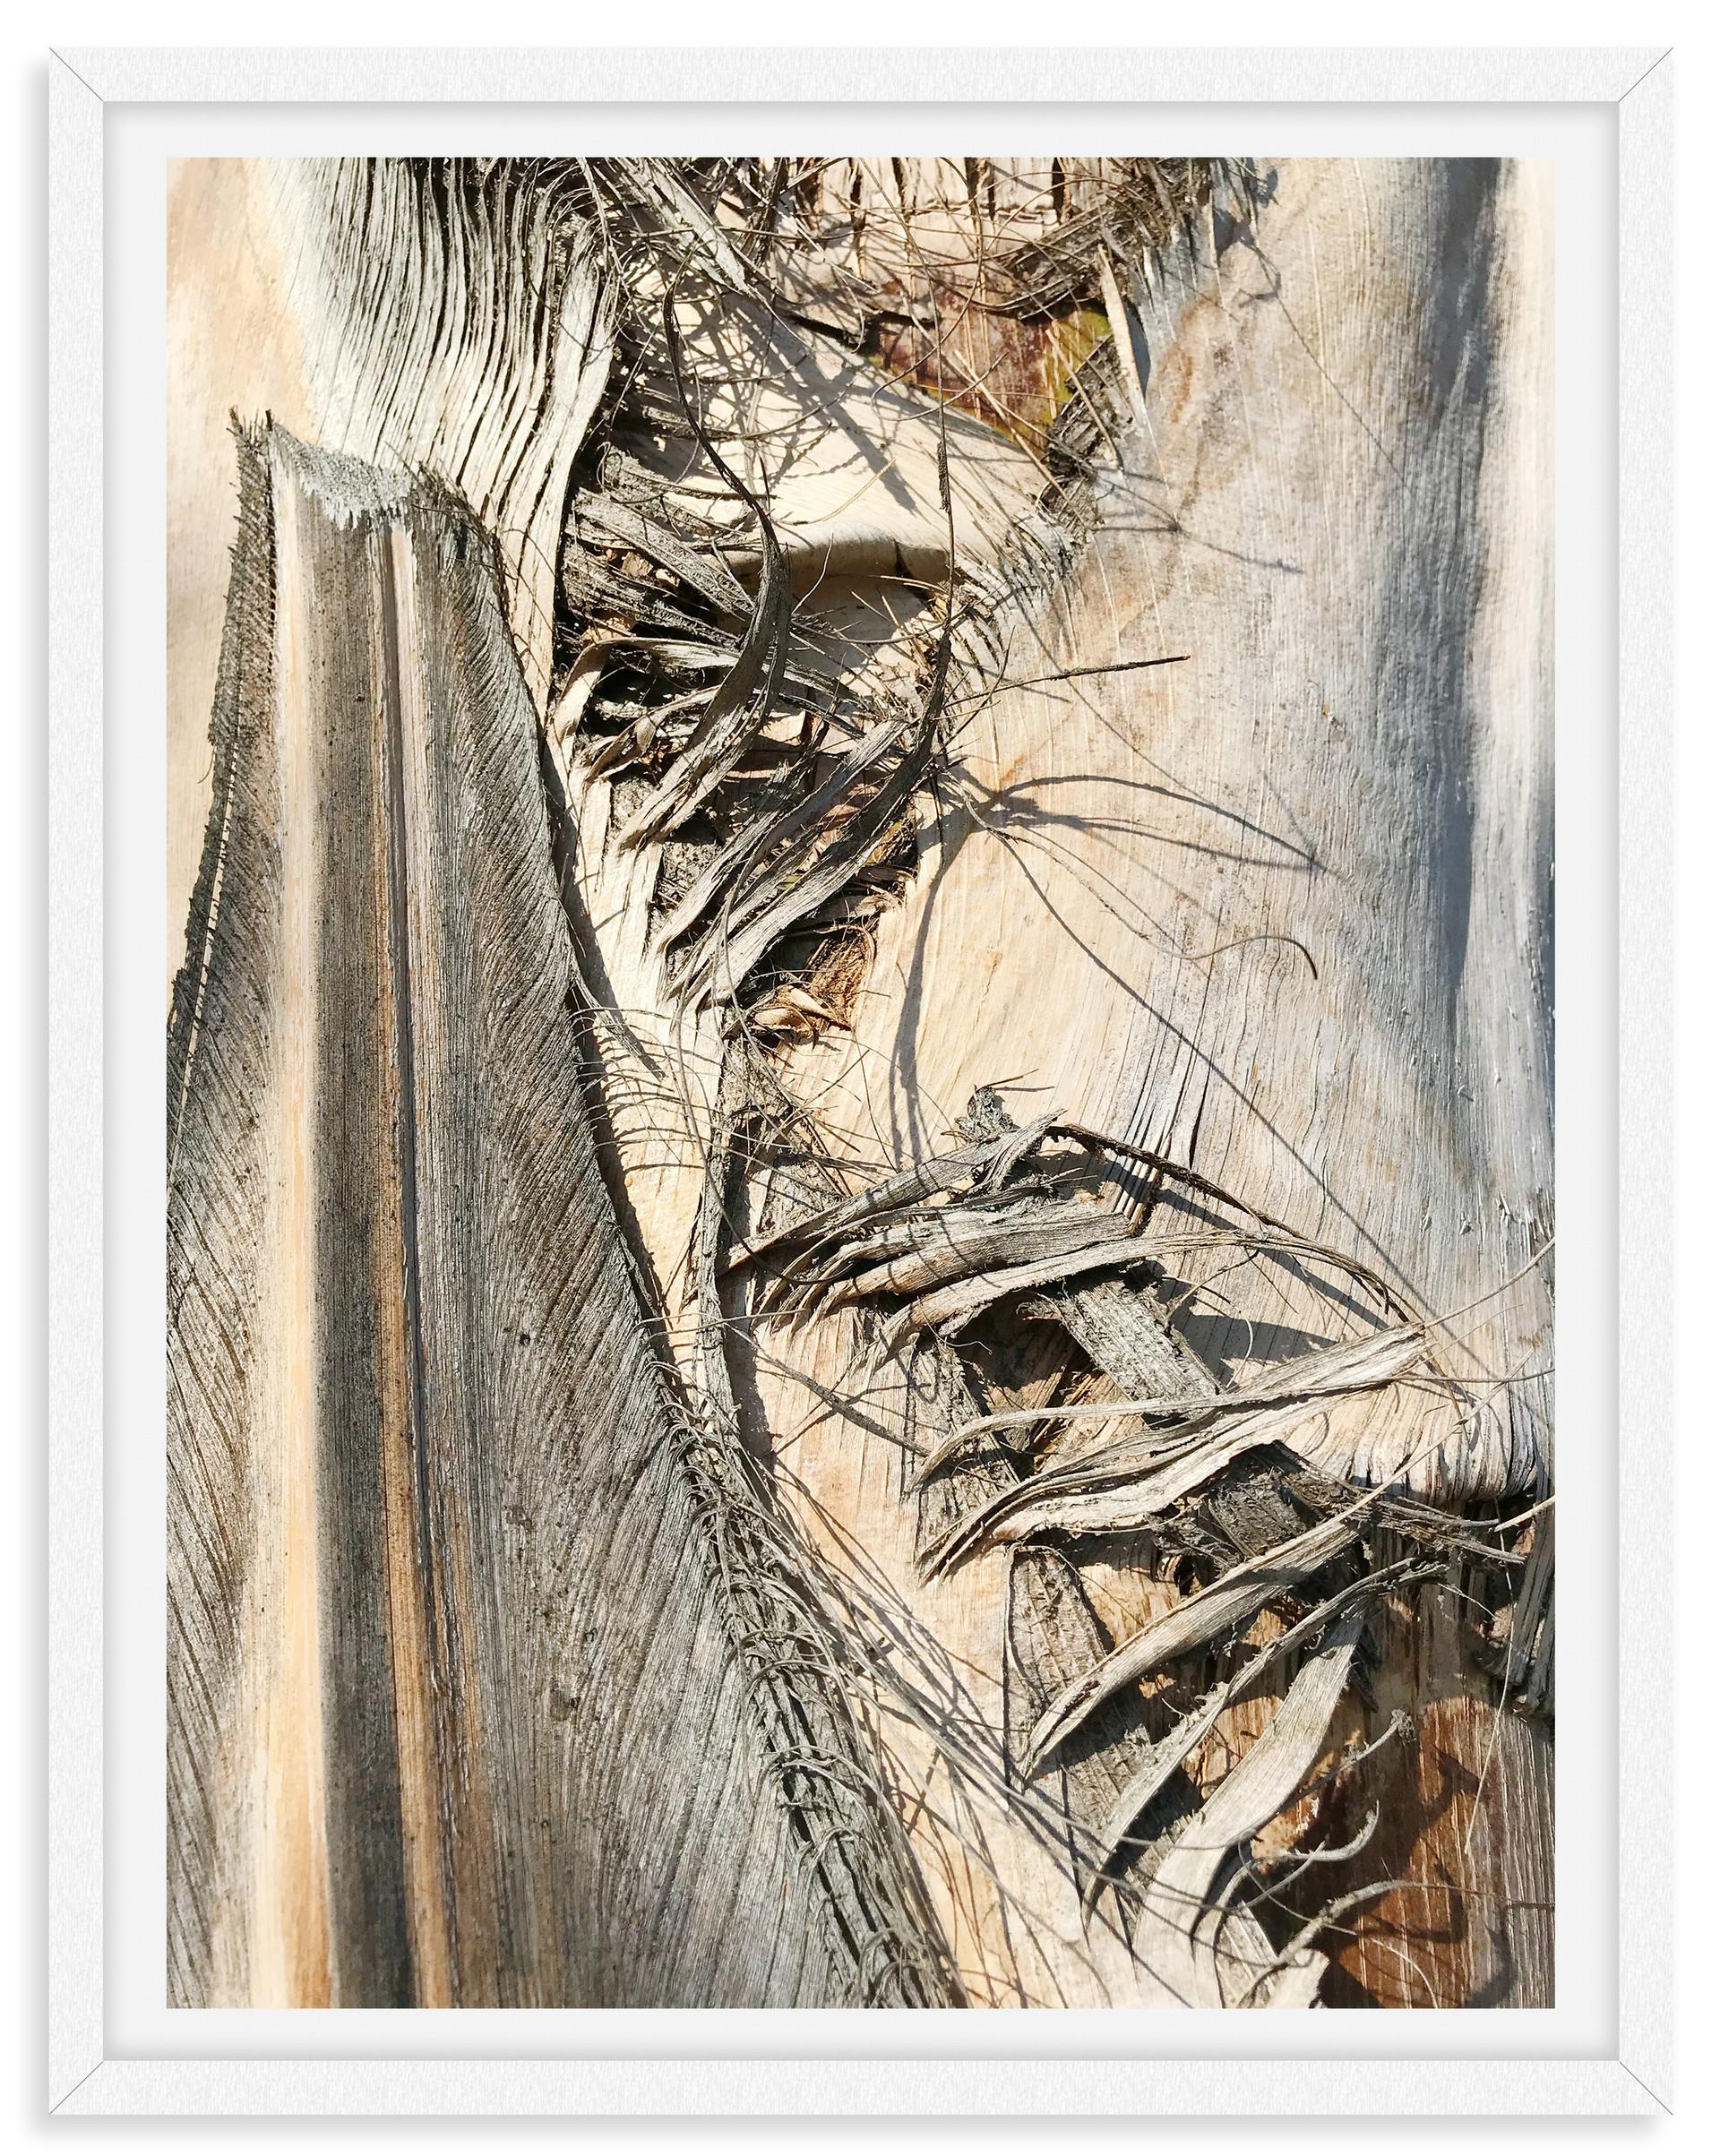 tree back close up macro abstract wall a